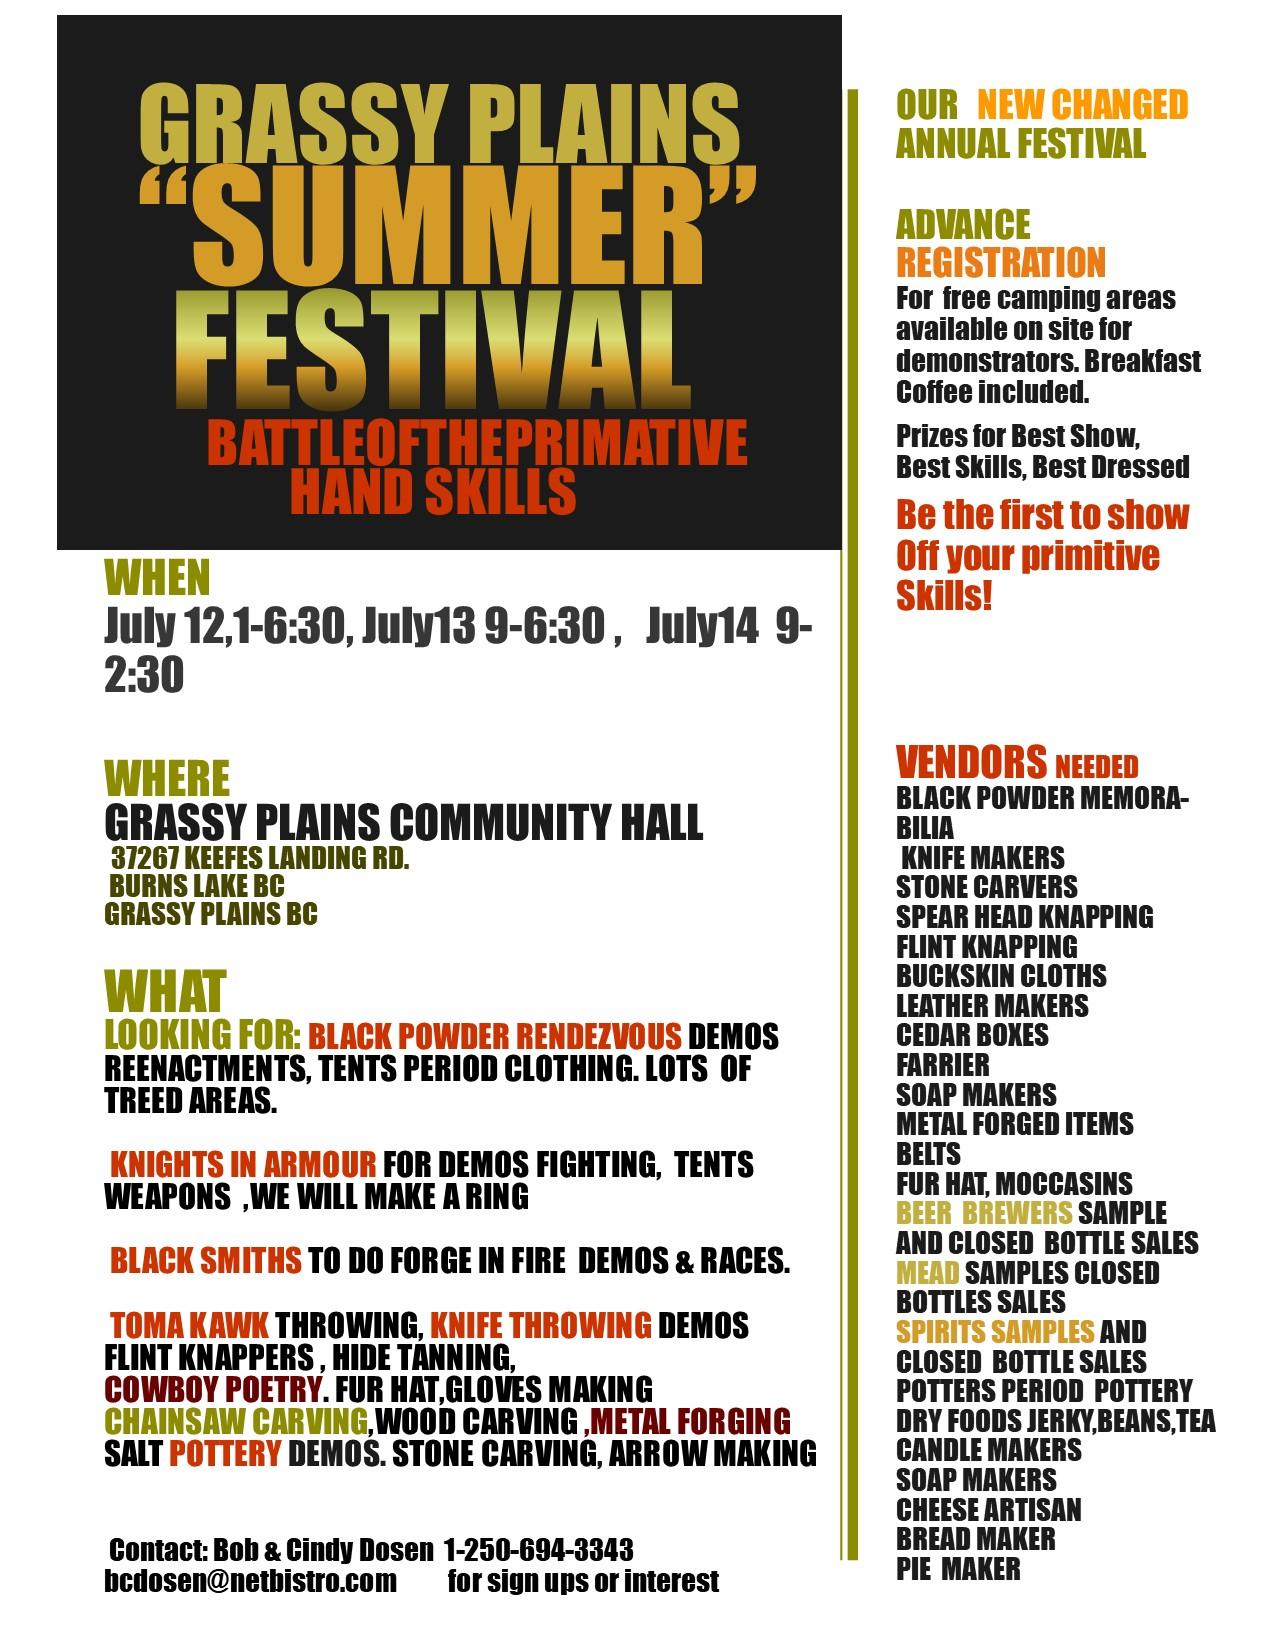 Grassy Plains Summer Festival 2019 - Studio2880